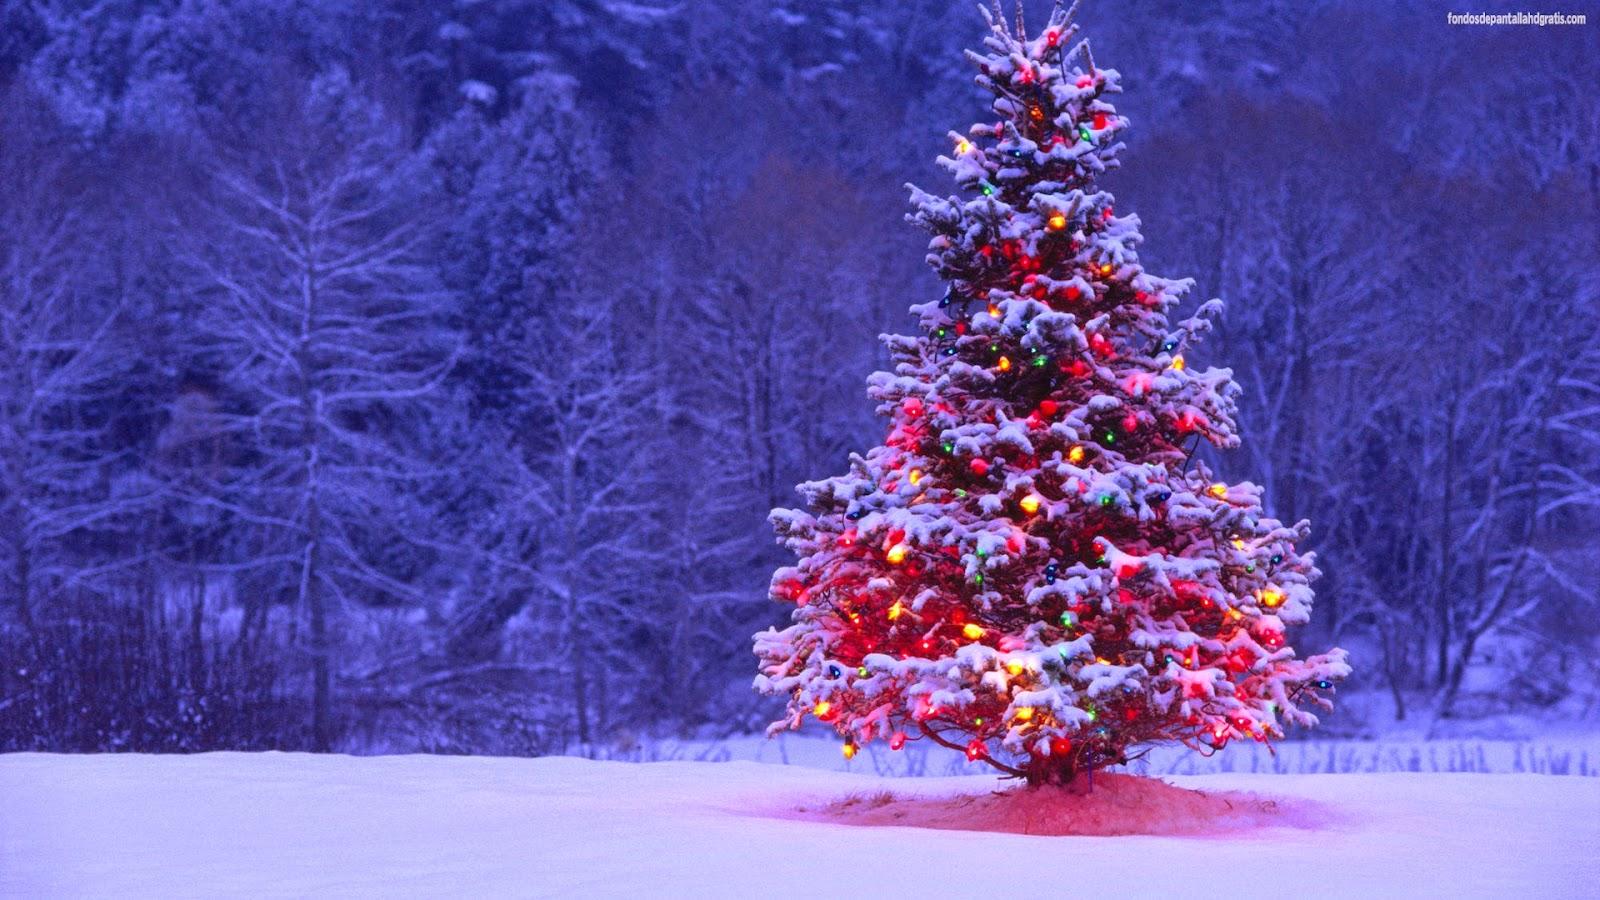 imagen de tierna navidad